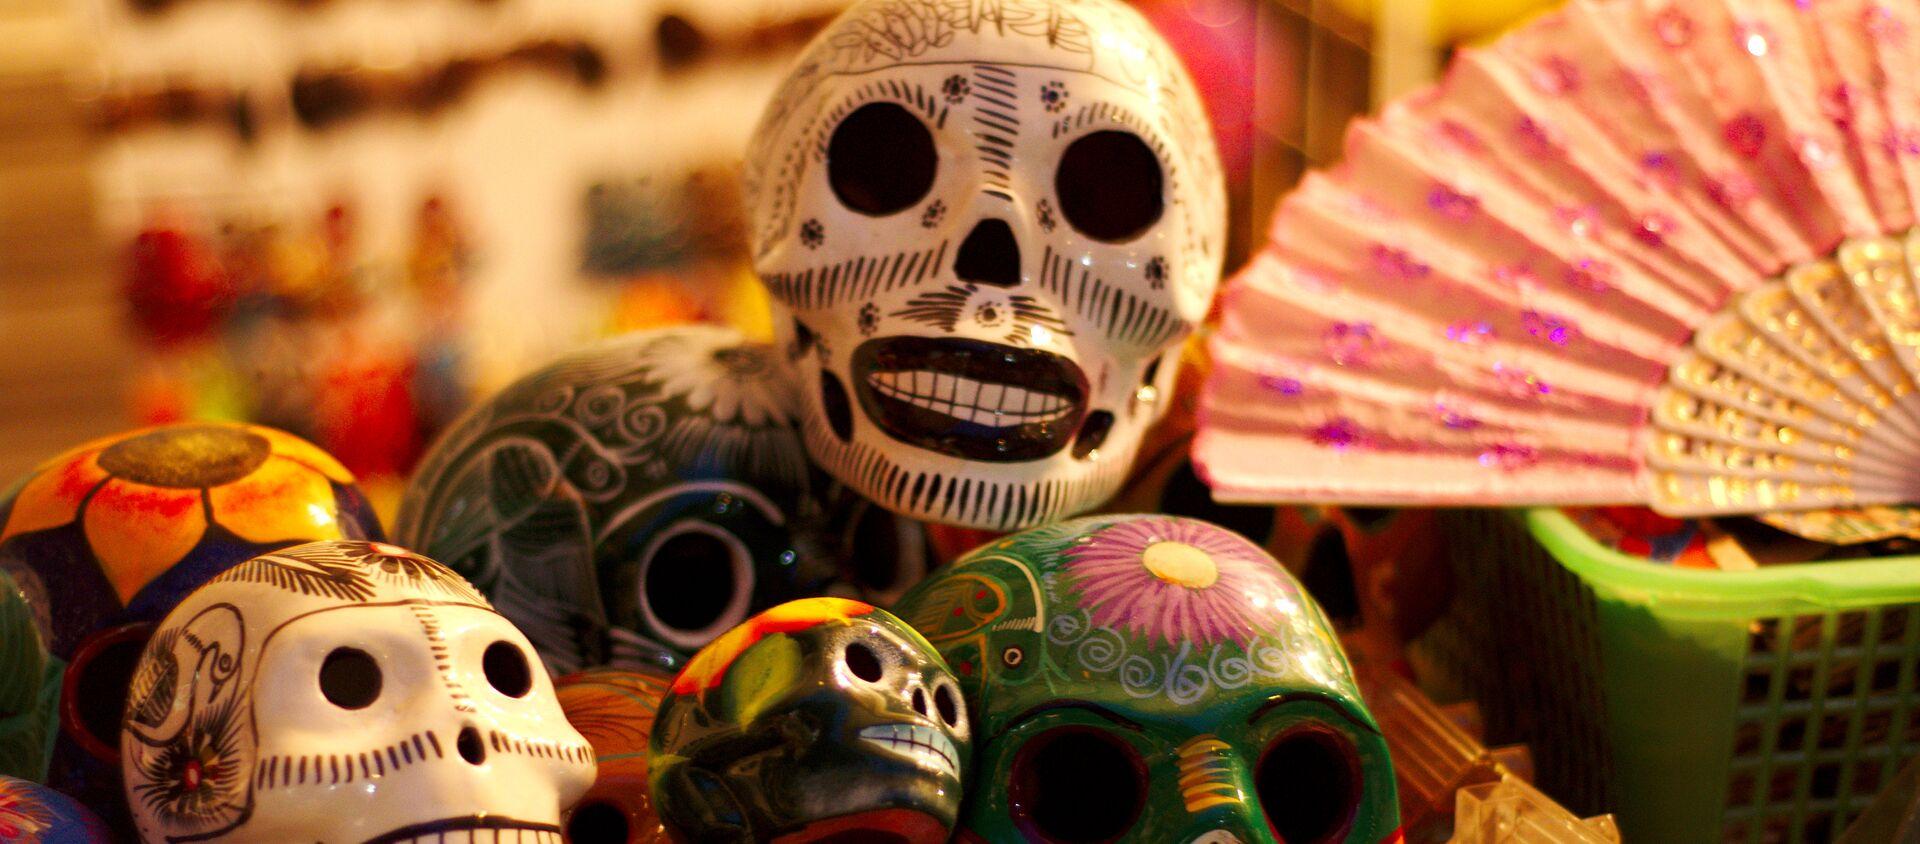 Calaveritas del Día de los Muertos en México (imagen referencial) - Sputnik Mundo, 1920, 24.10.2020